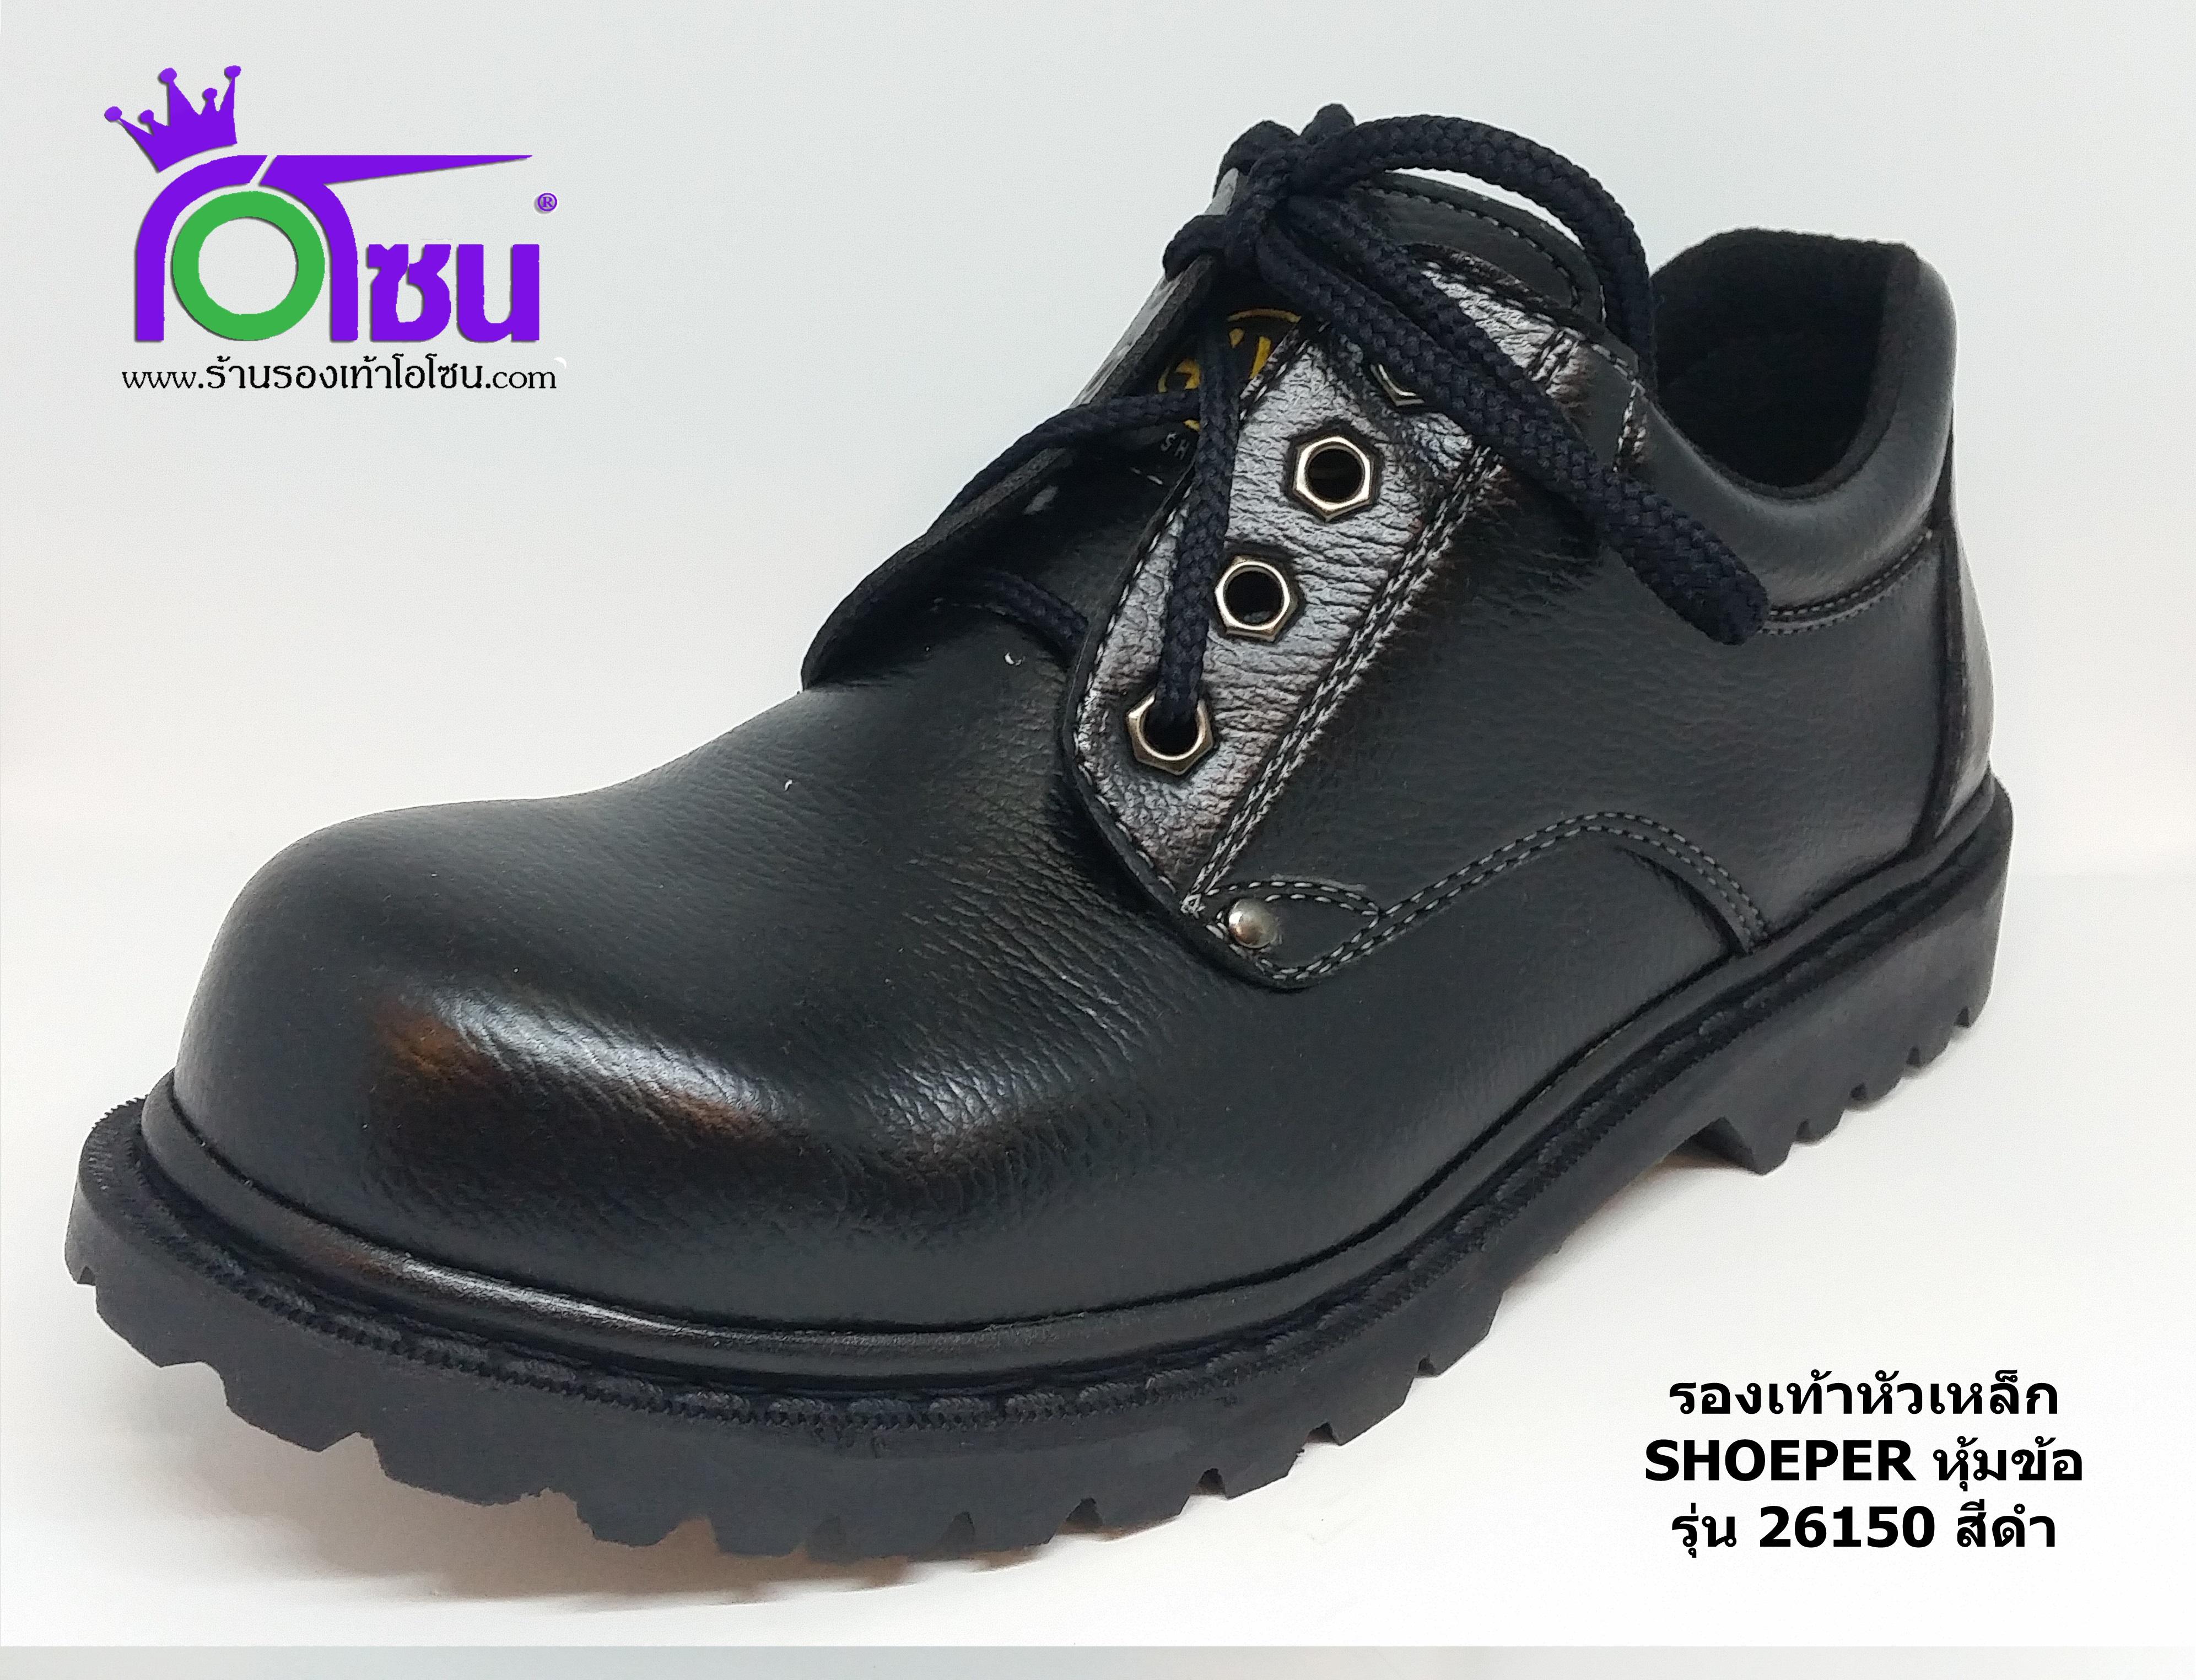 รองเท้าหัวเหล็กหุ้มข้อ SHOEPER ชูเปอร์ รหัส 26150 สีดำ เบอร์ 37-45